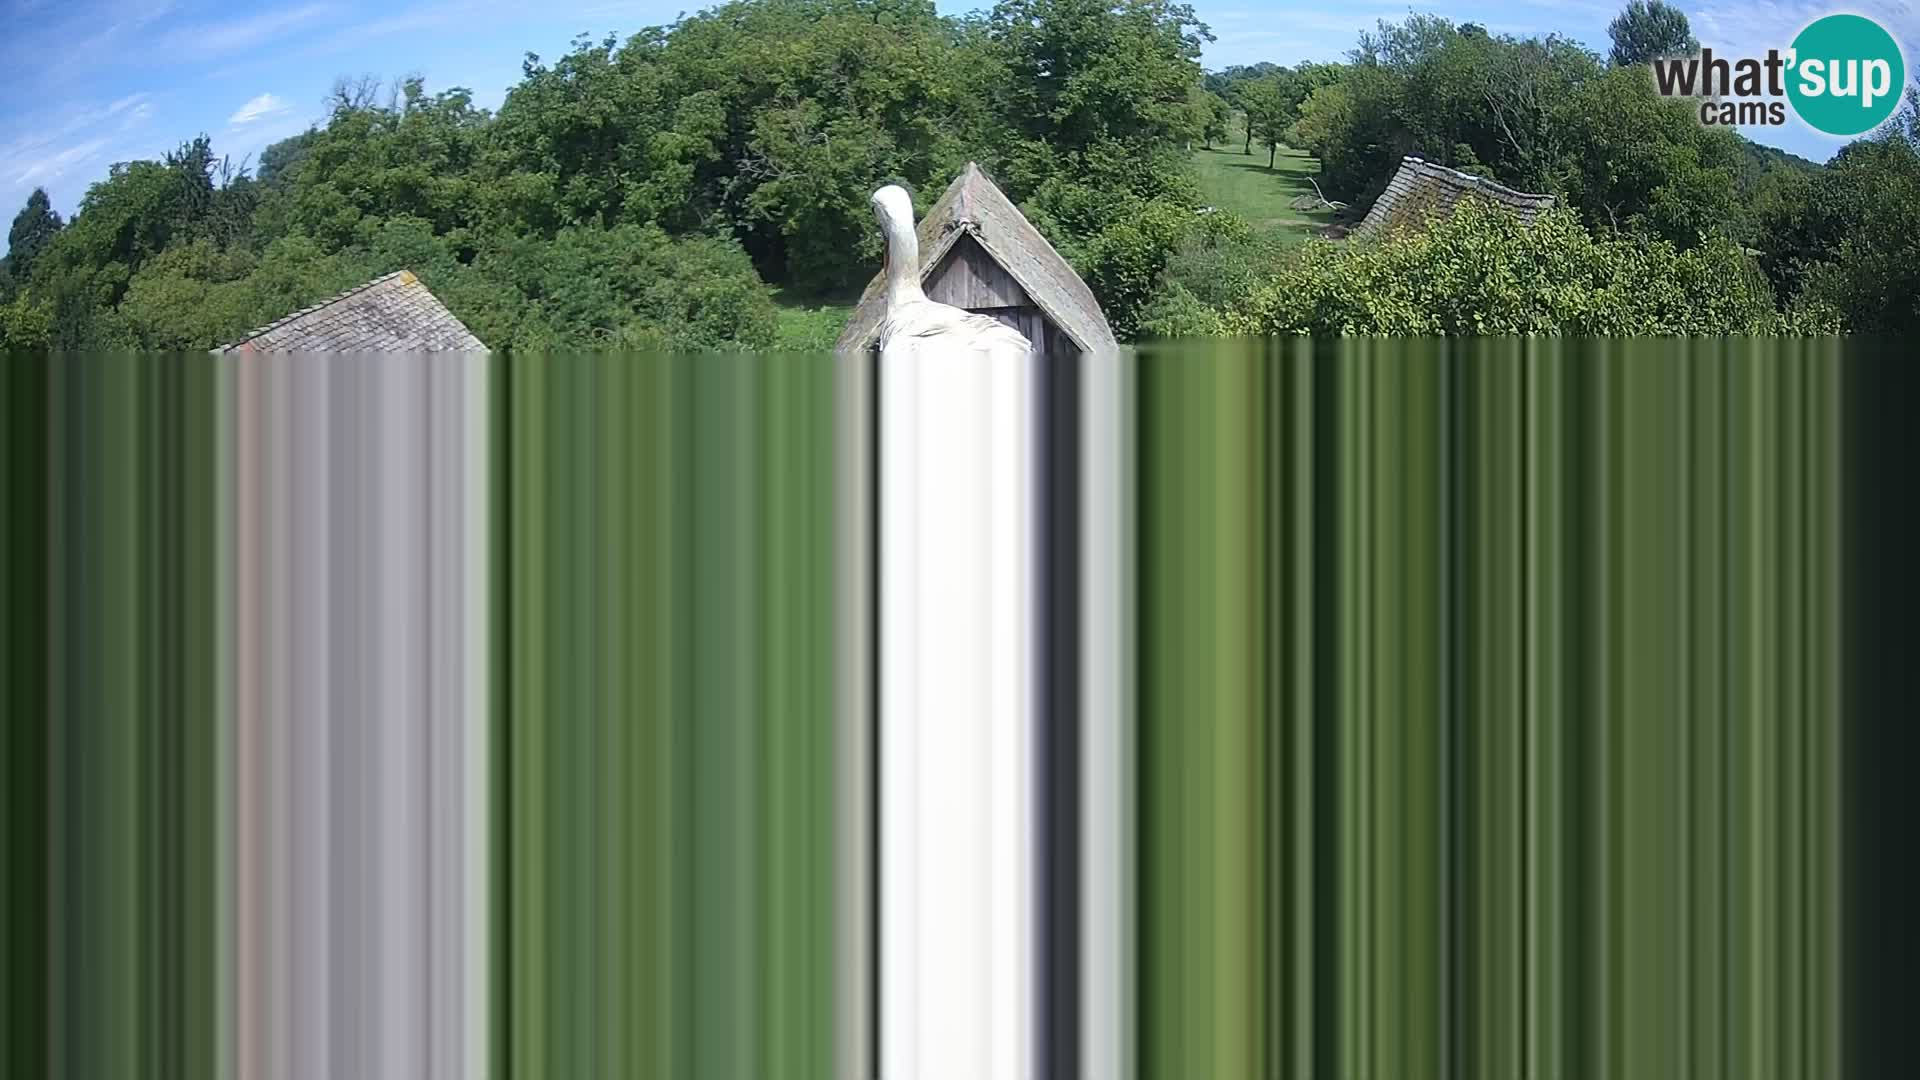 Villaggio delle cicogne europee webcam Parco naturale di Lonjsko polje